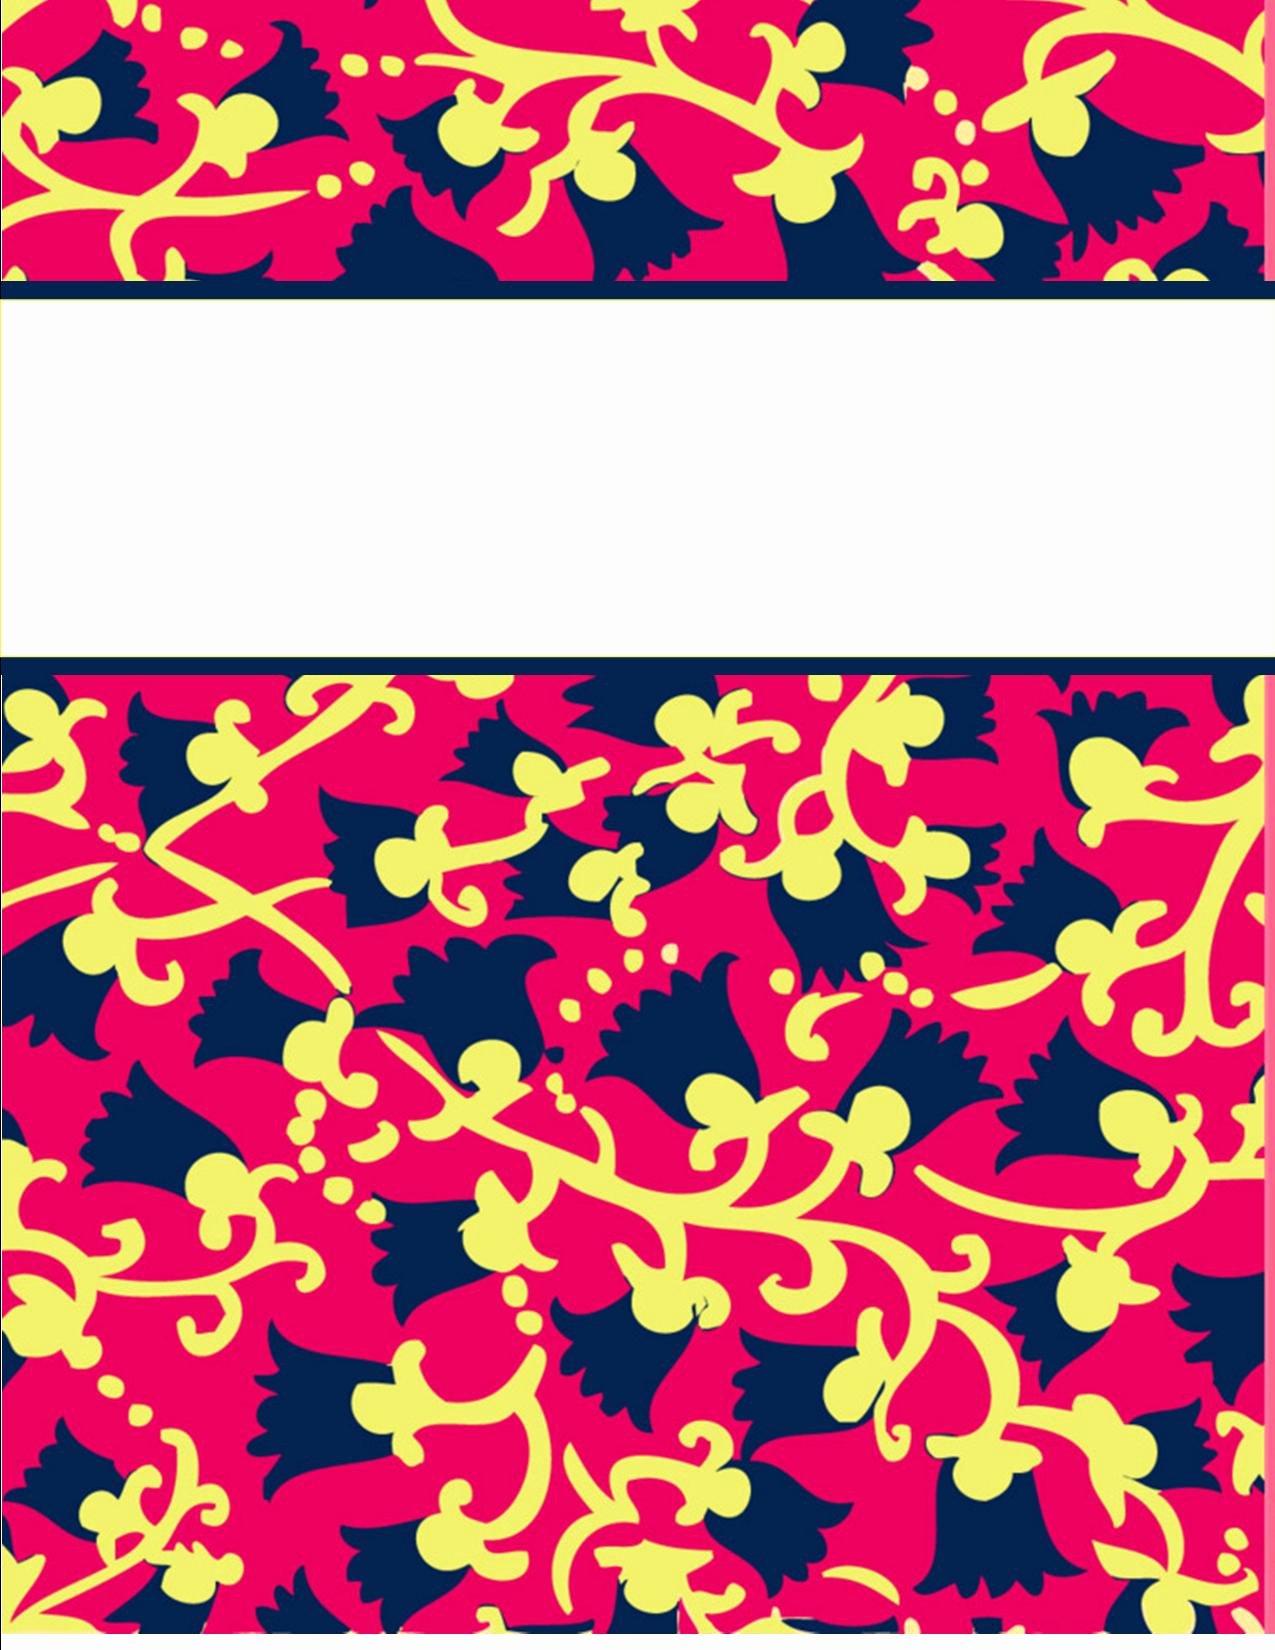 40 Free Printable Binder Covers